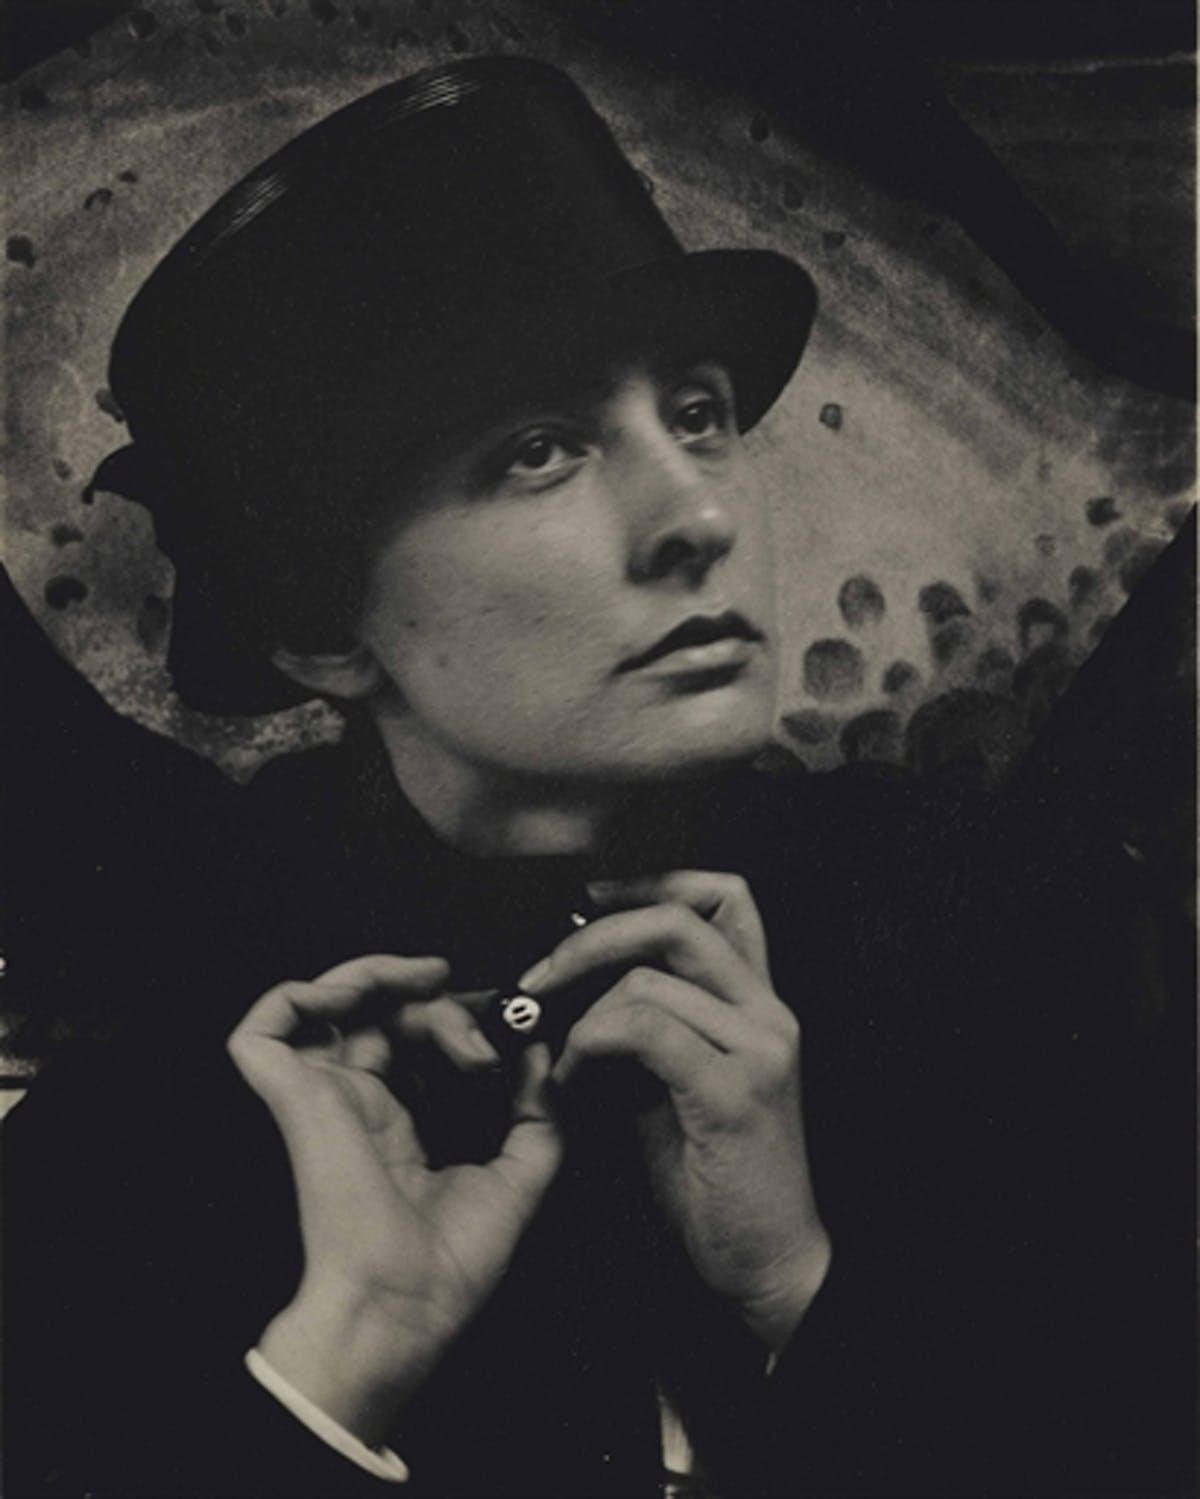 ALFRED STIEGLITZ. Georgia O'Keeffe (1918).